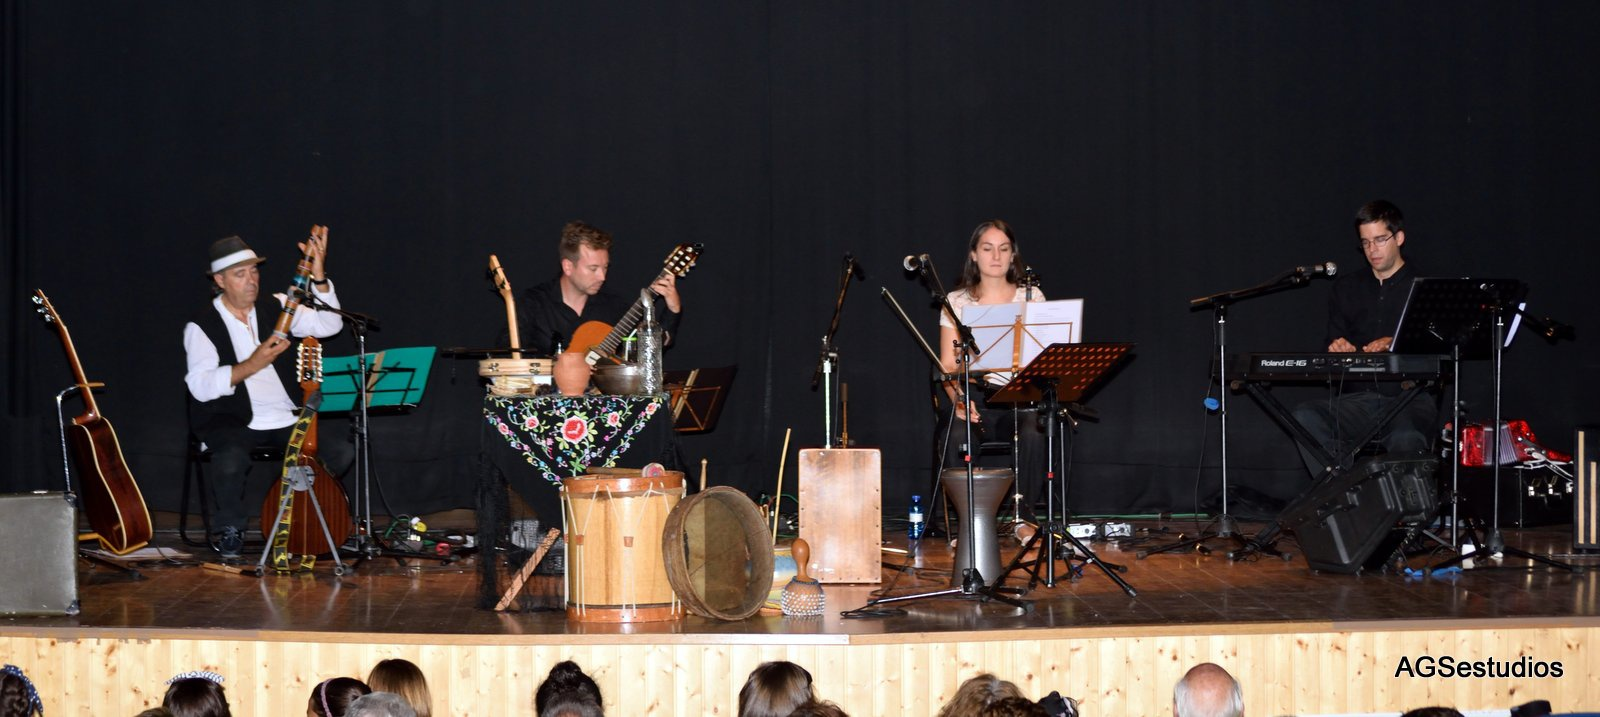 Concierto en Villoria (Salamanca) el 3 de septiembre de 2018